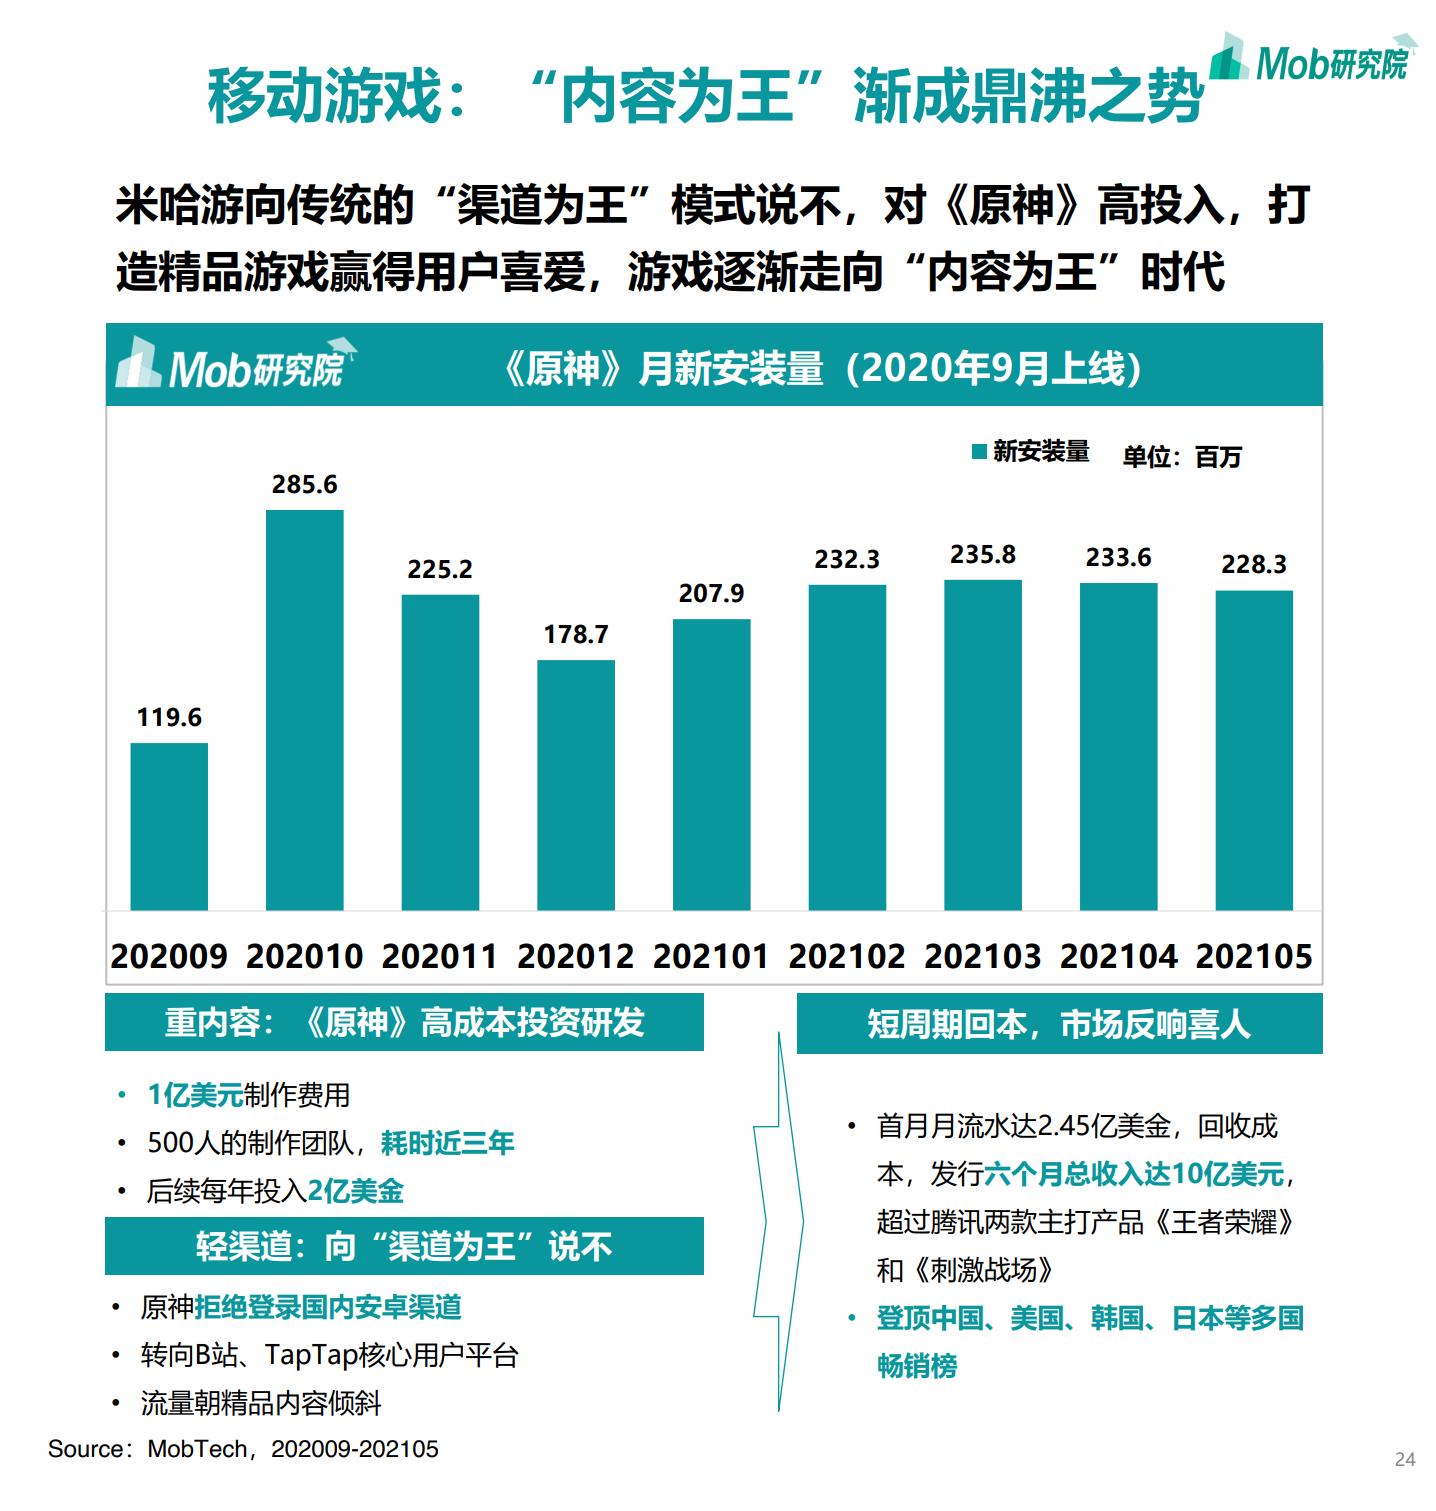 2021年中国移动互联网半年度大报告插图23